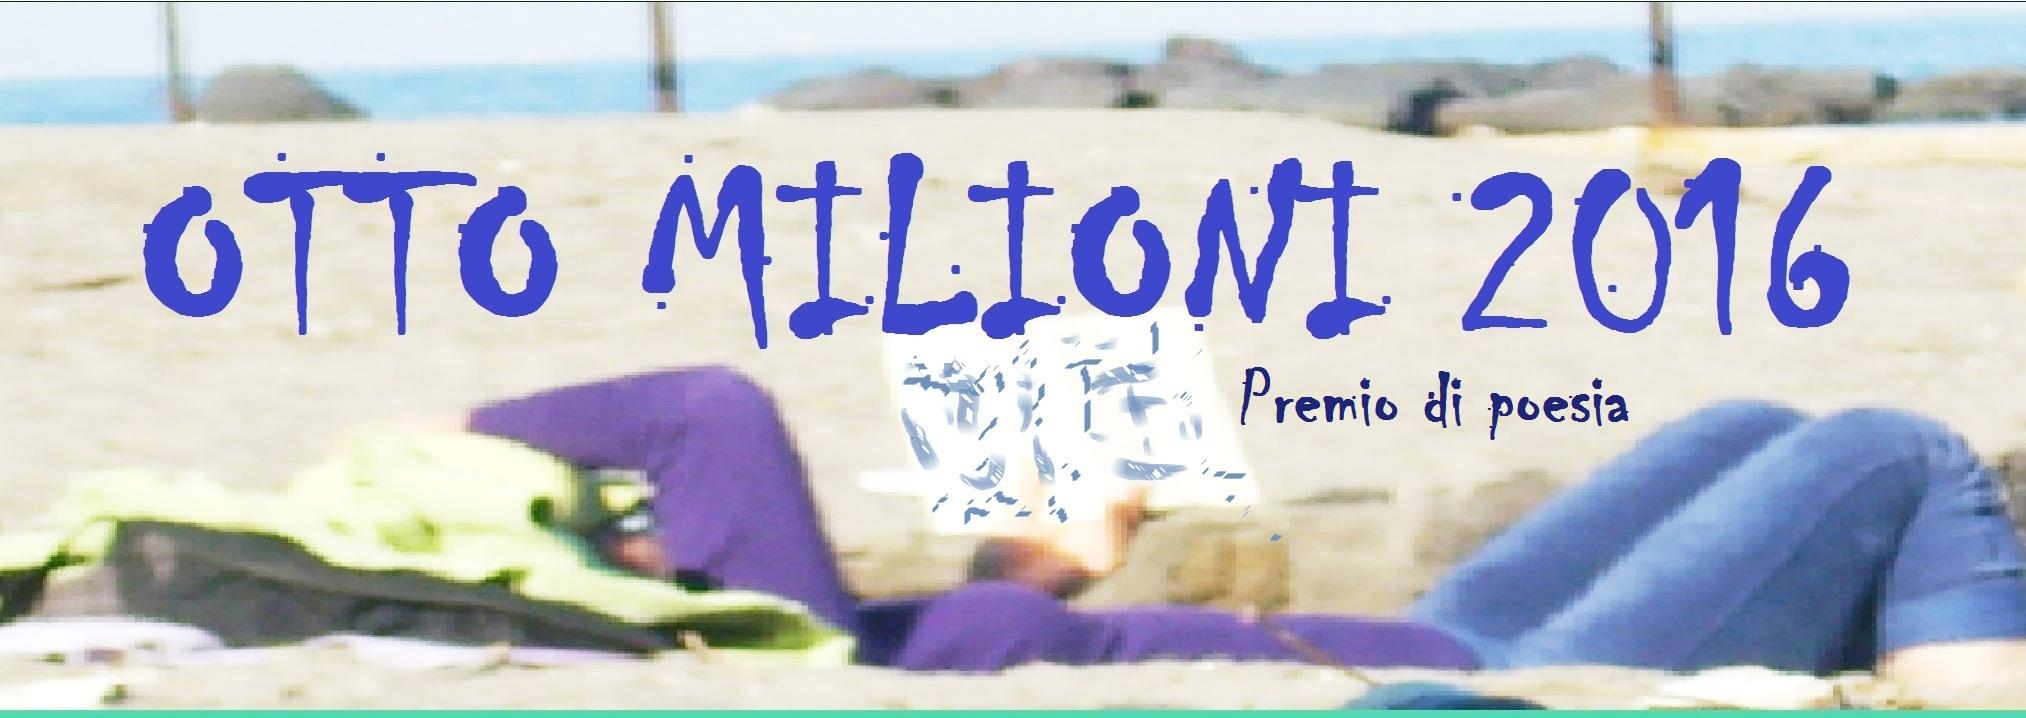 Otto milioni